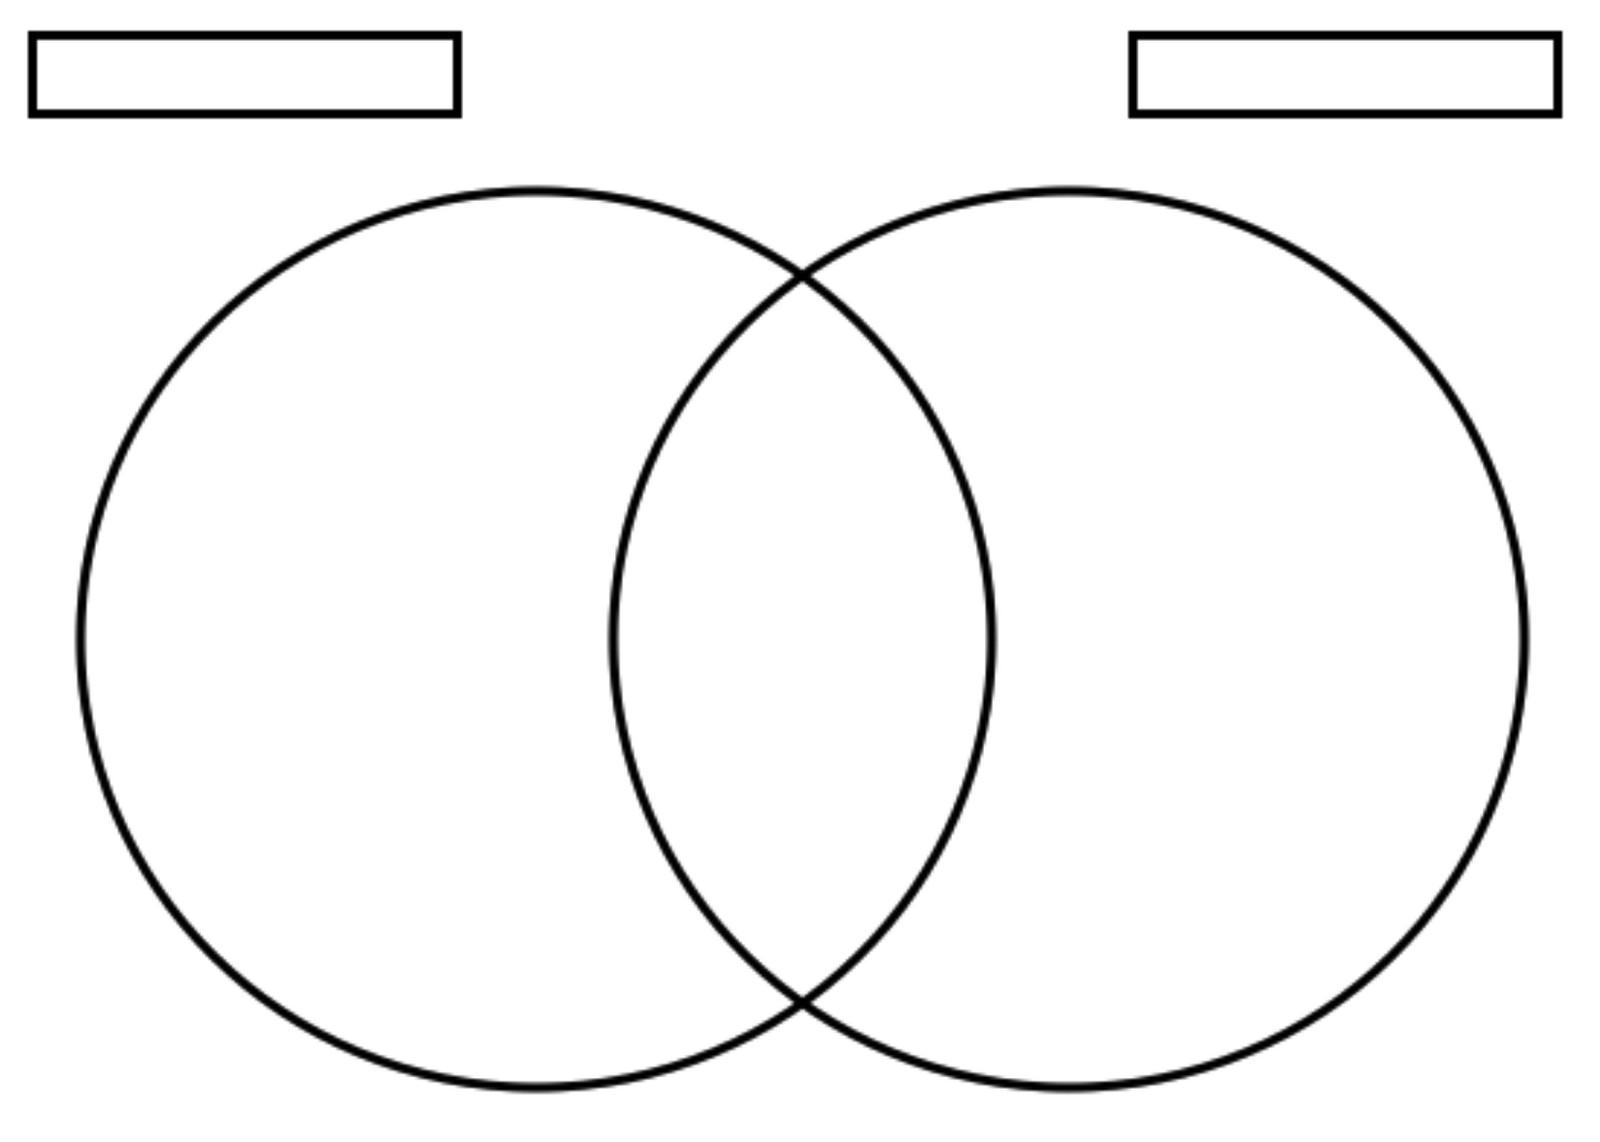 Venn Diagram In Word Creating A Venn Diagram Template